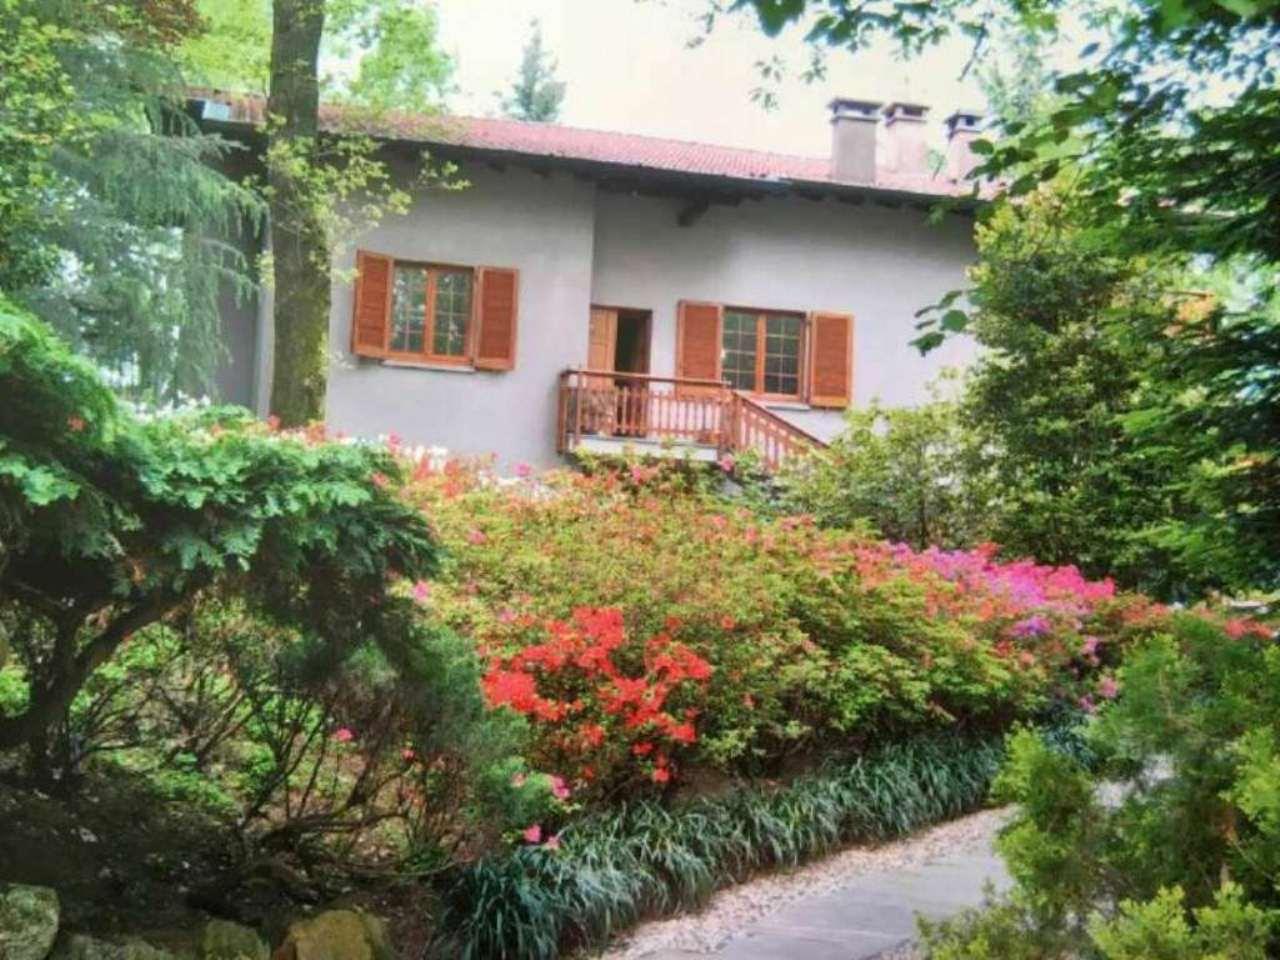 Villa in vendita a Induno Olona, 10 locali, prezzo € 650.000 | Cambio Casa.it